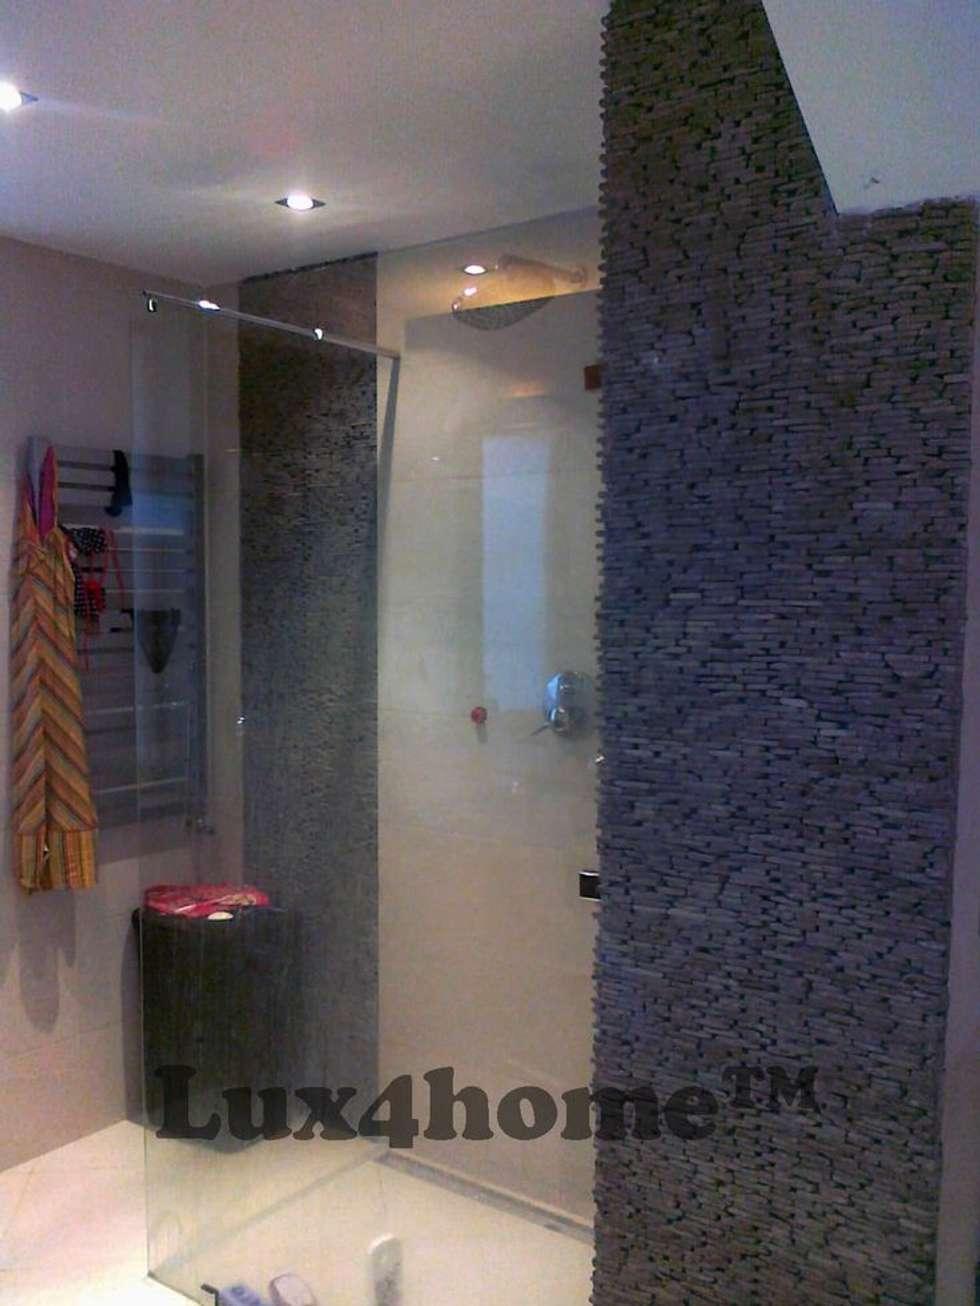 Ściany z kamienia - kamień dekoracyjny na ściany: styl , w kategorii Ściany zaprojektowany przez Lux4home™